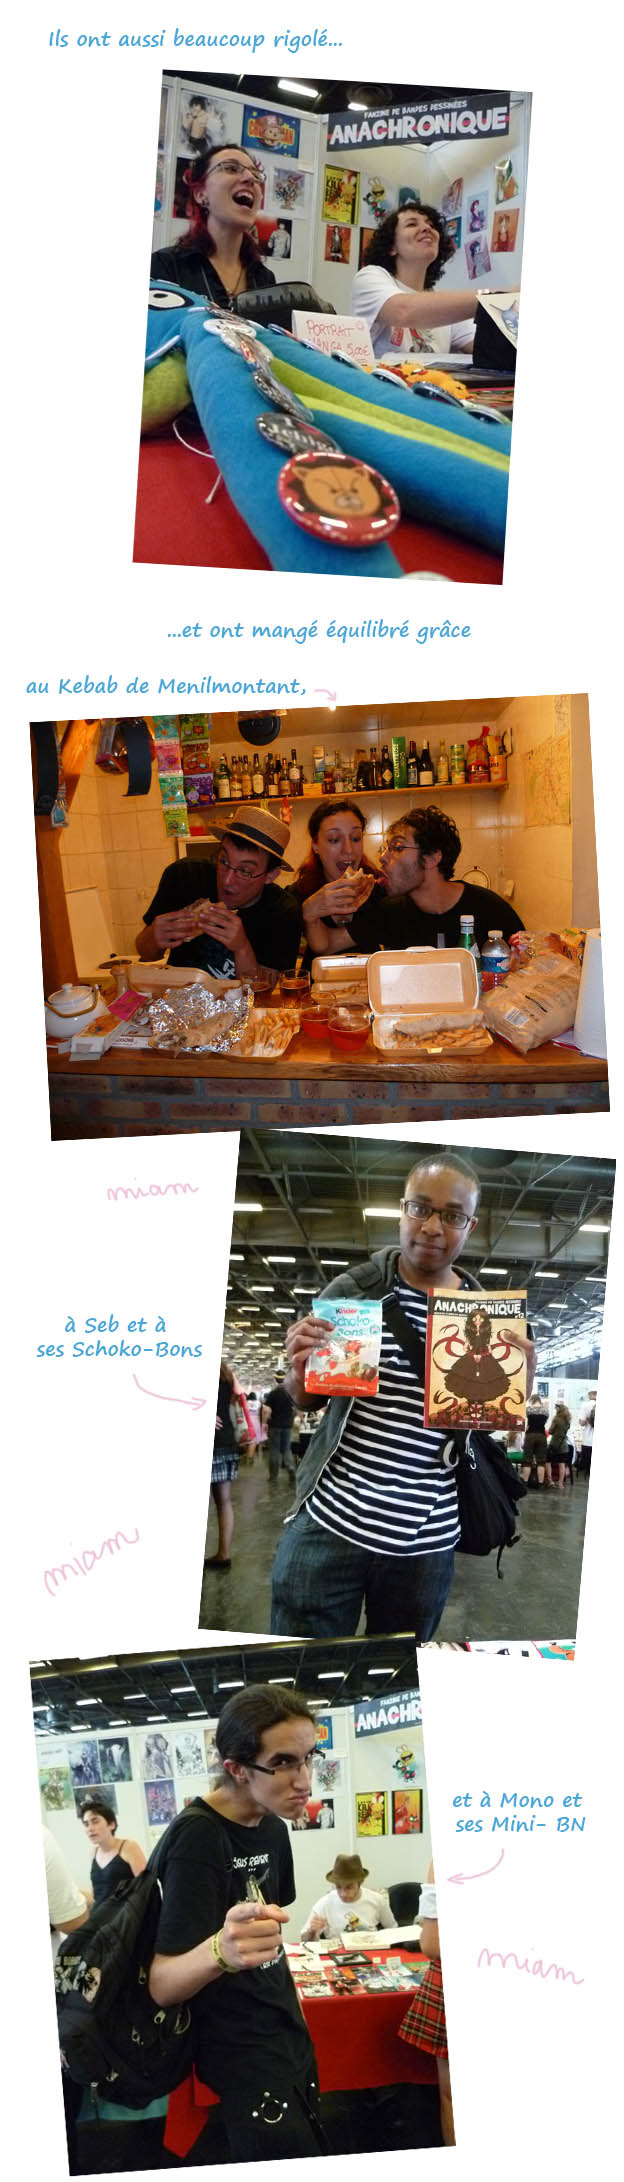 http://i38.servimg.com/u/f38/11/28/19/24/je201018.jpg